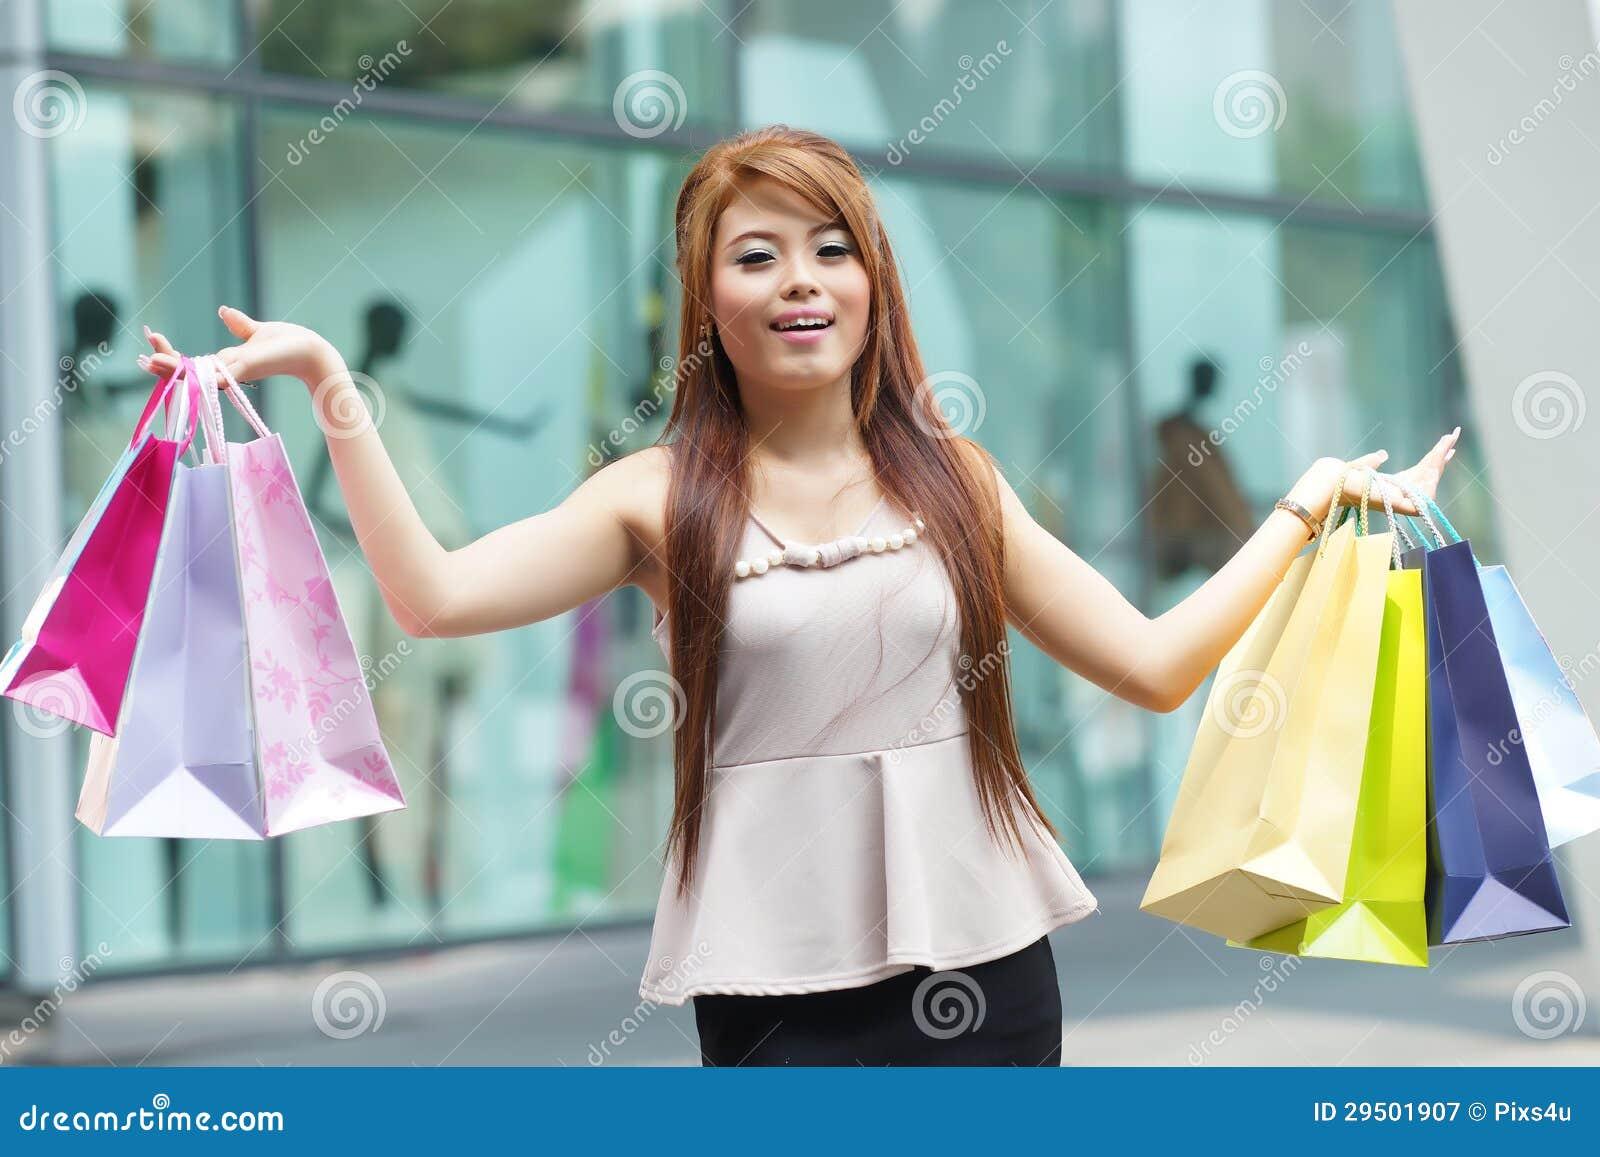 De mooie jonge vrouw toont een extatische uitdrukking